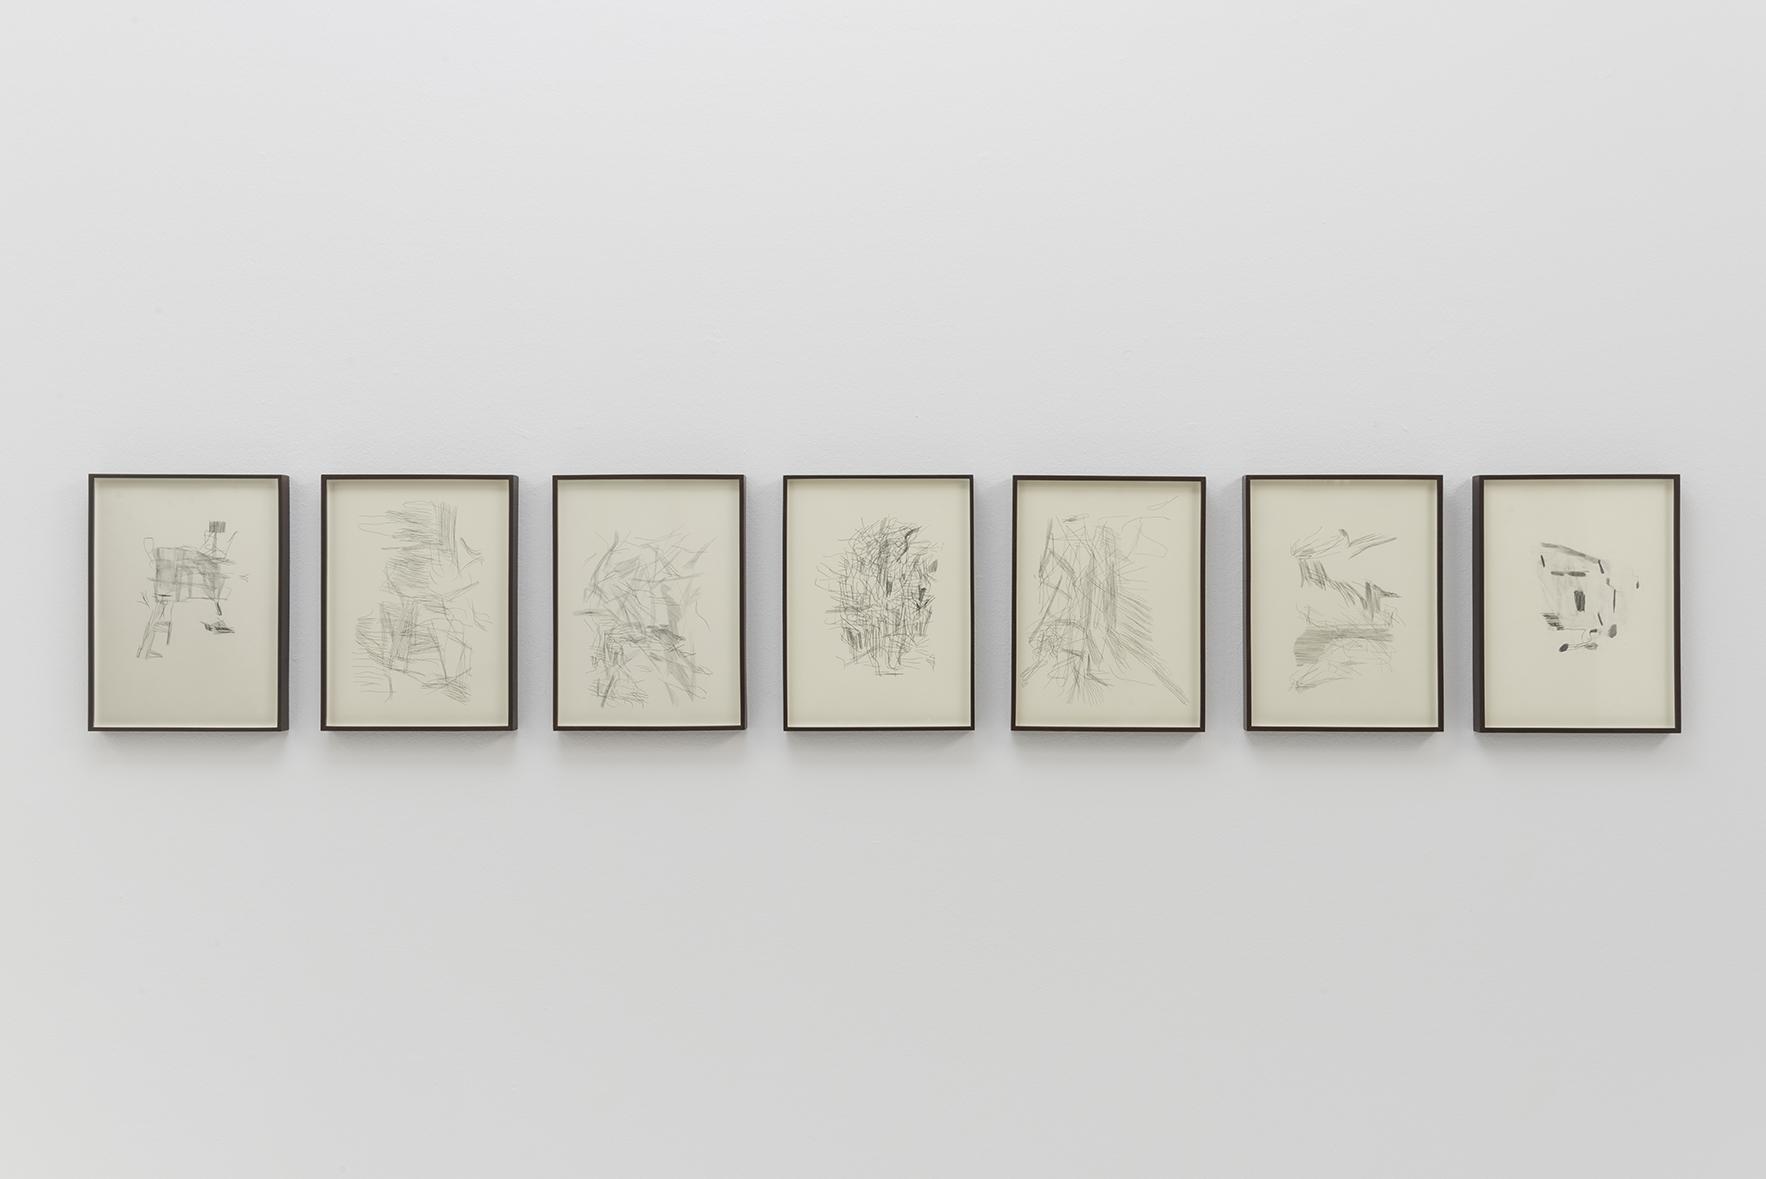 S/T, 2009 | La Vida Abstracta de Billy Murcia | ProjecteSD